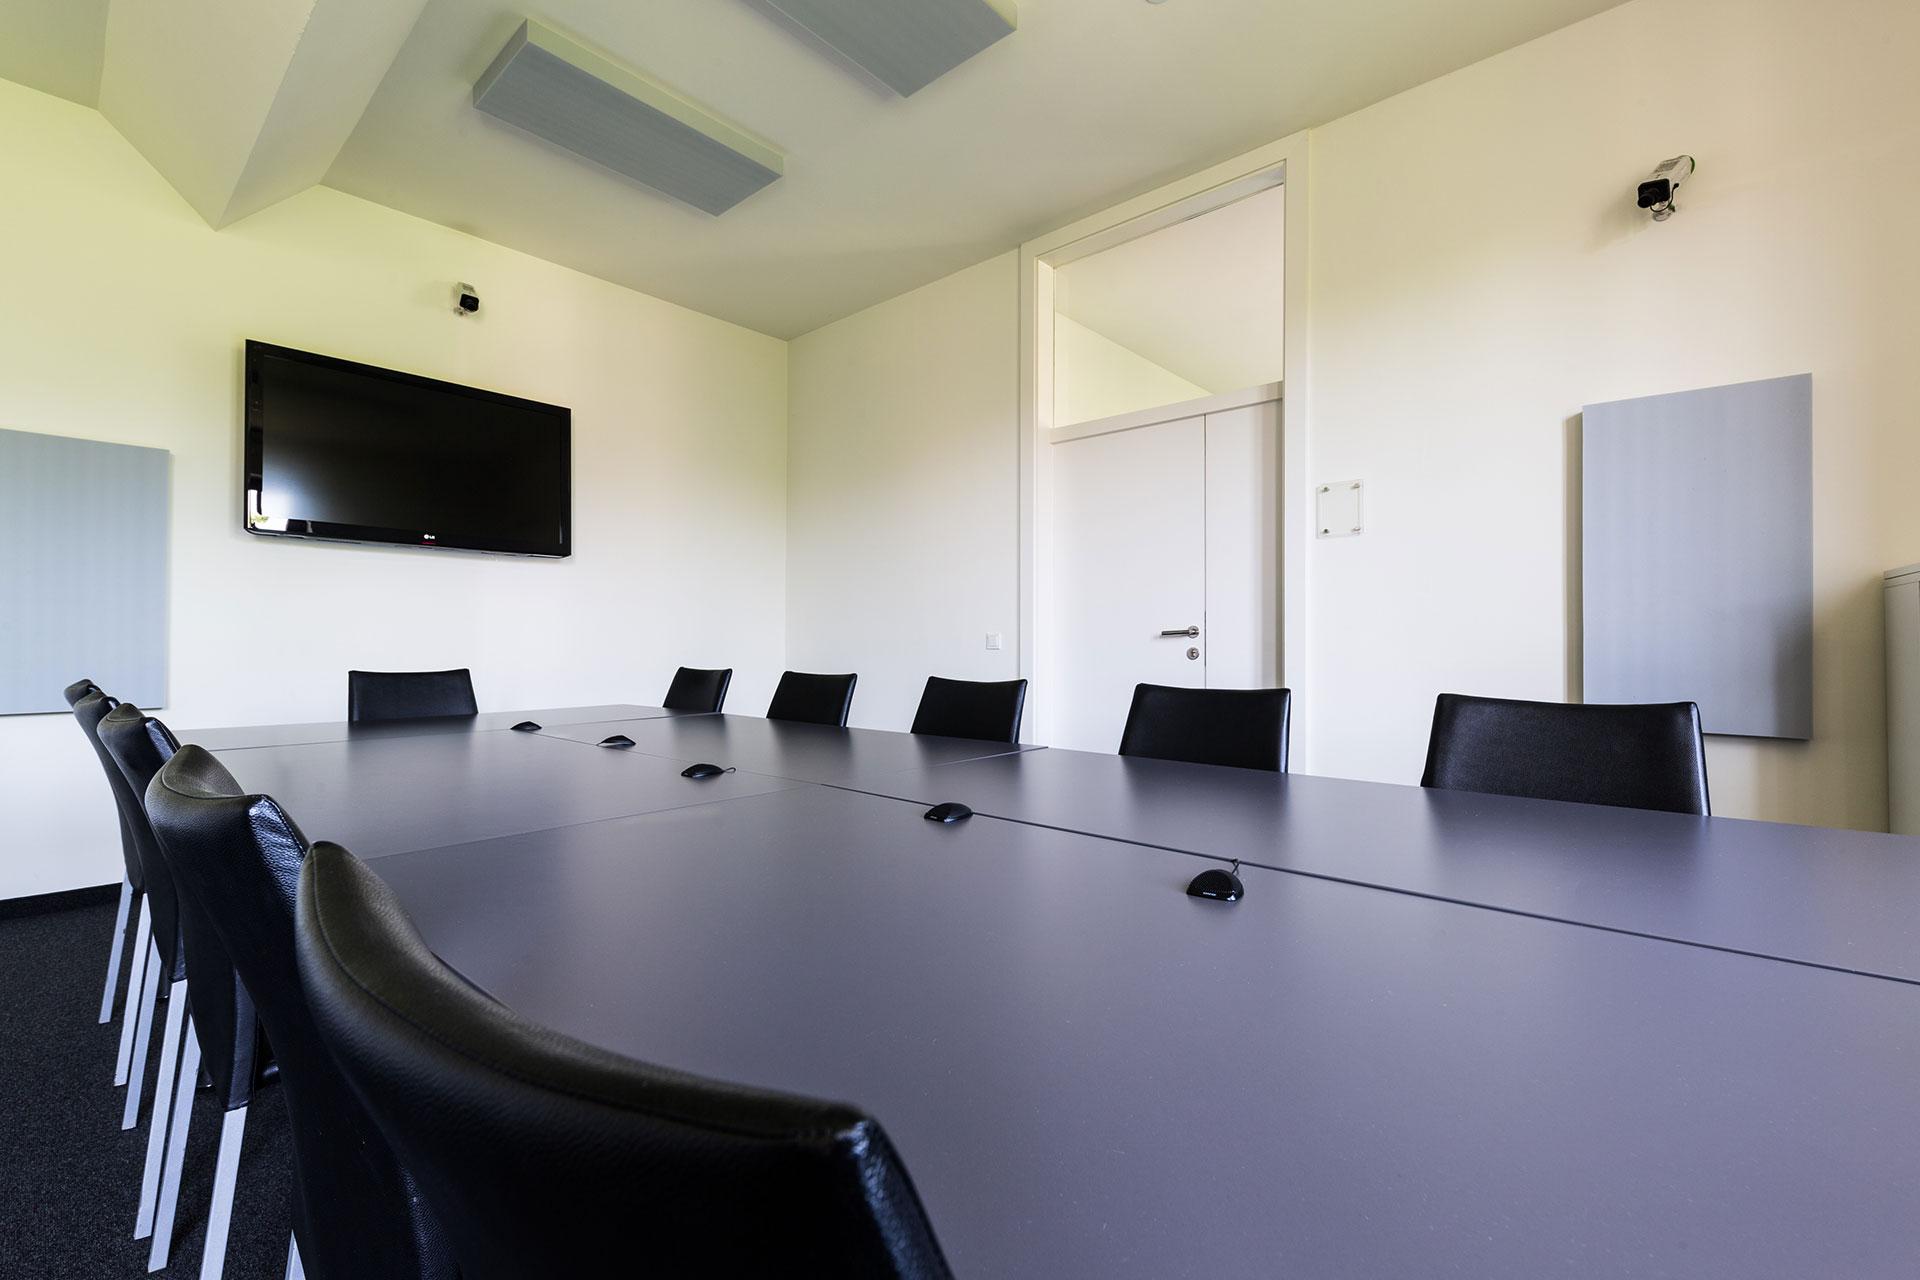 High-End-Multimediaraum, mit Audio- und Videotechnik (4 Kameraperspektiven), 52-Zoll-Monitor, inkl. Live-Übertragung in die Kundenlounge sowie around the world Live-Streaming-Möglichkeit